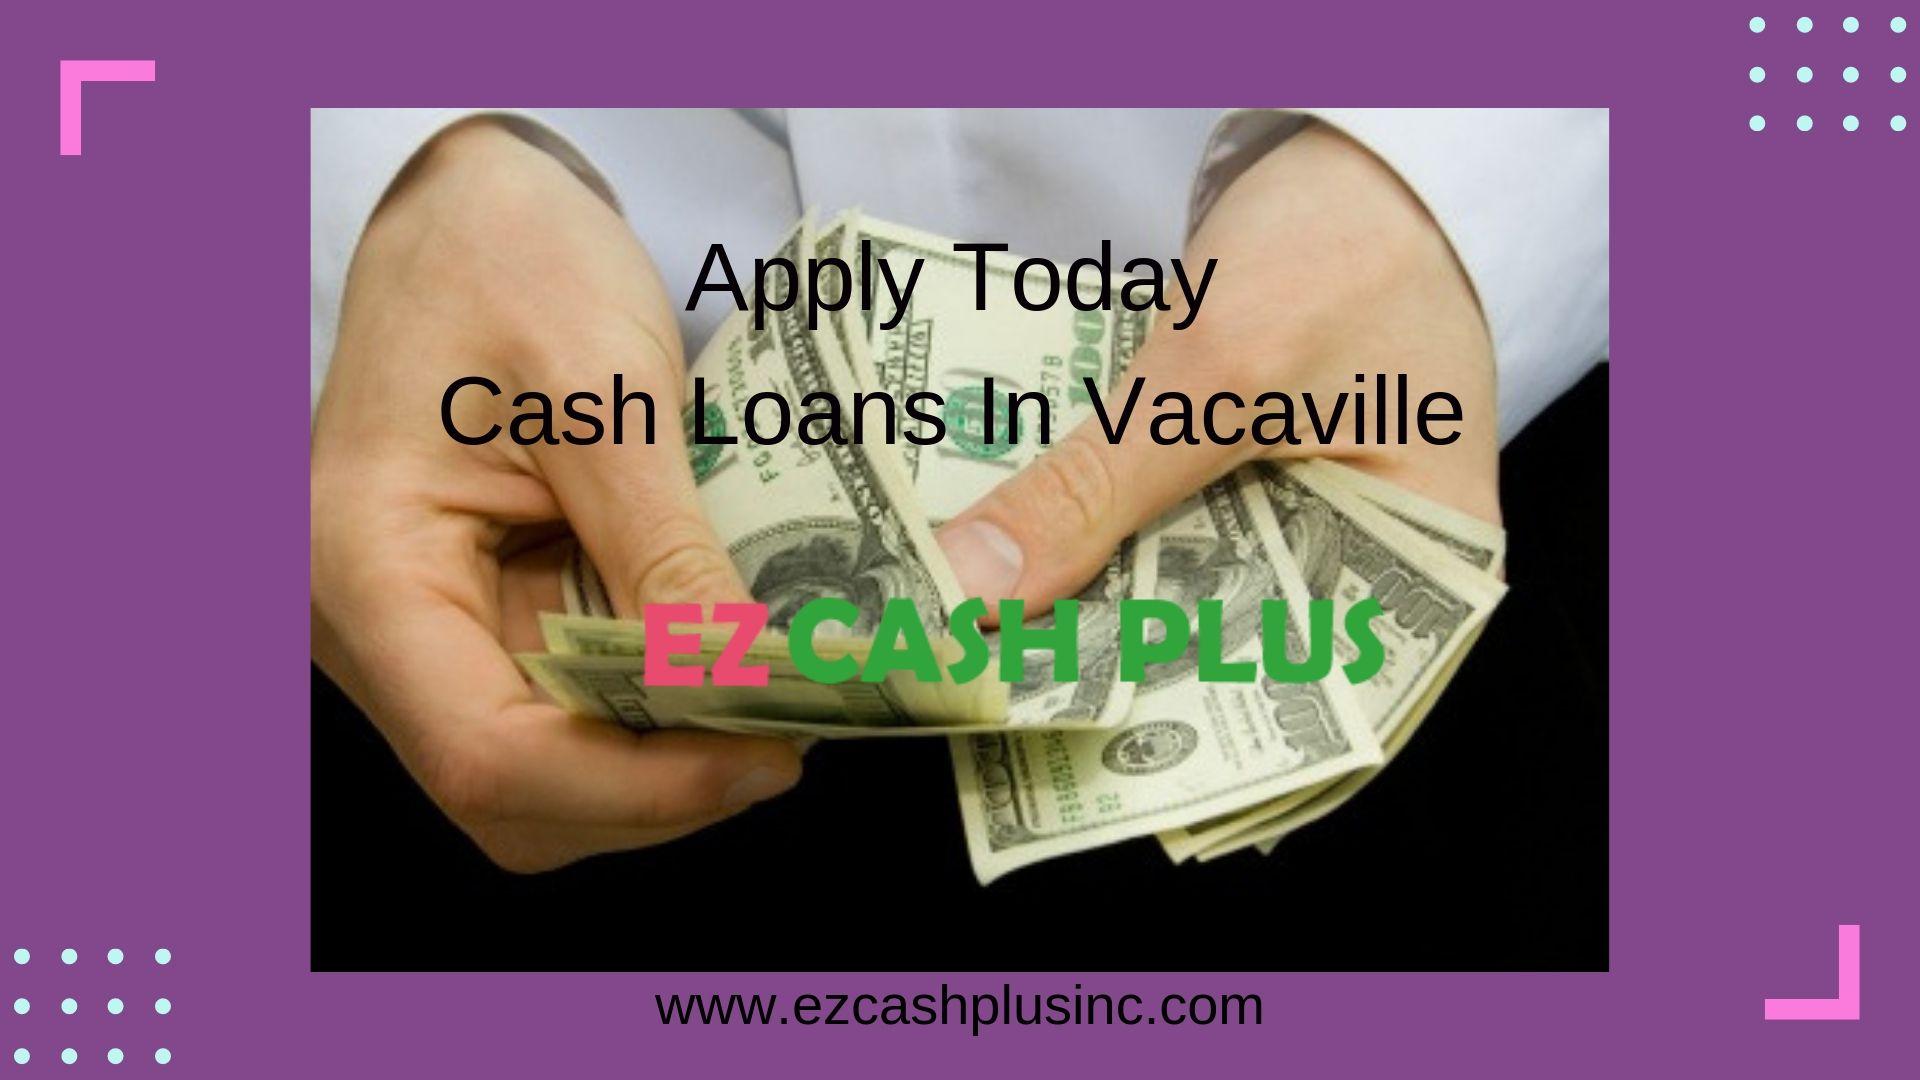 Cash Loans In Vacacille Ezcashplusinc Com Cash Loans Payday Loans Online Payday Loans